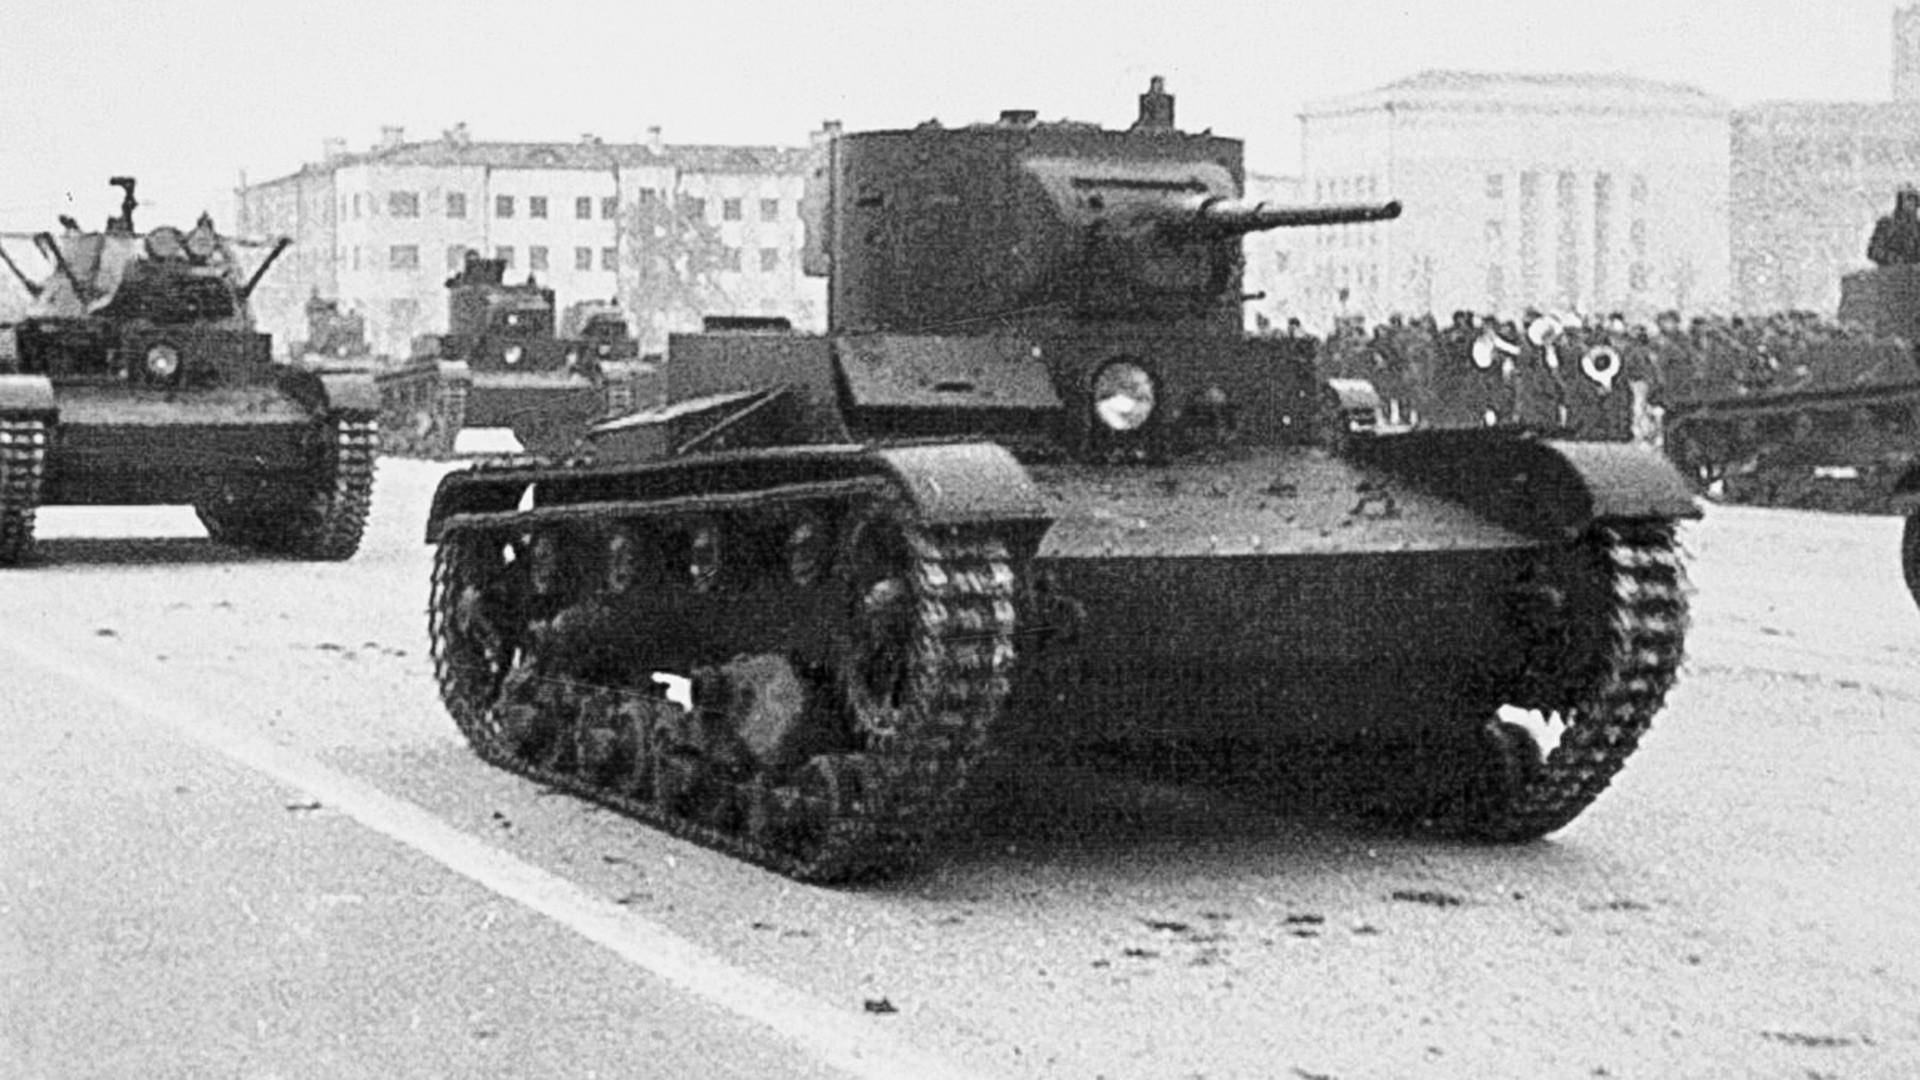 T-26、クイビシェフ(現在のサマーラ)の軍事パレード、1941年11月7日